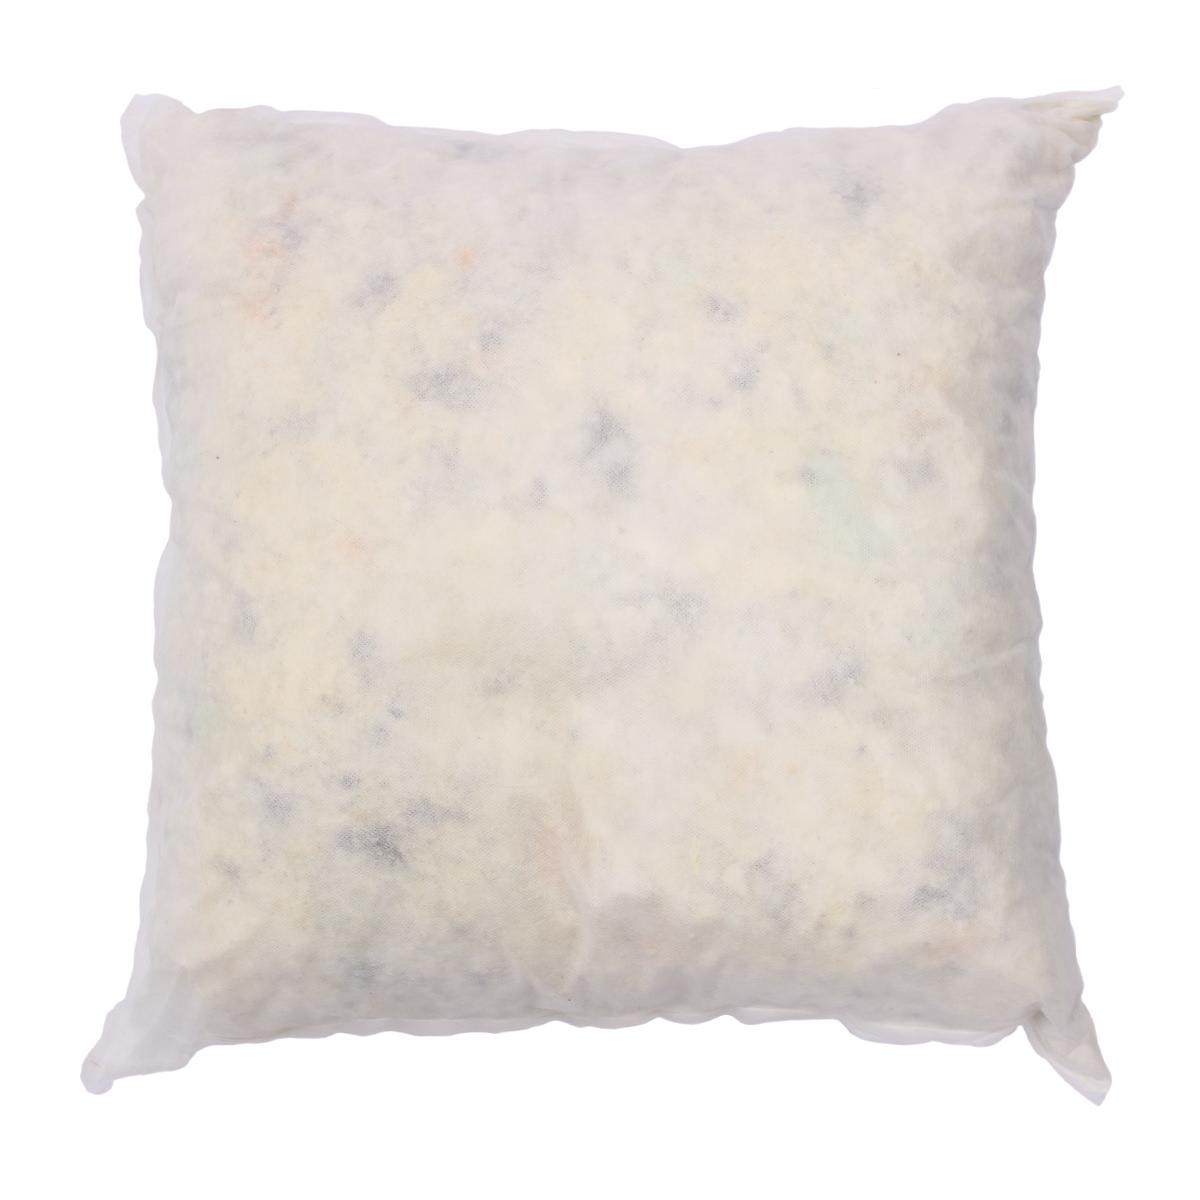 Kleinesbild - Kissenfüllung Deko Couch Sofakissen Schaumstoff Flocken quadratisch in 4 Größen